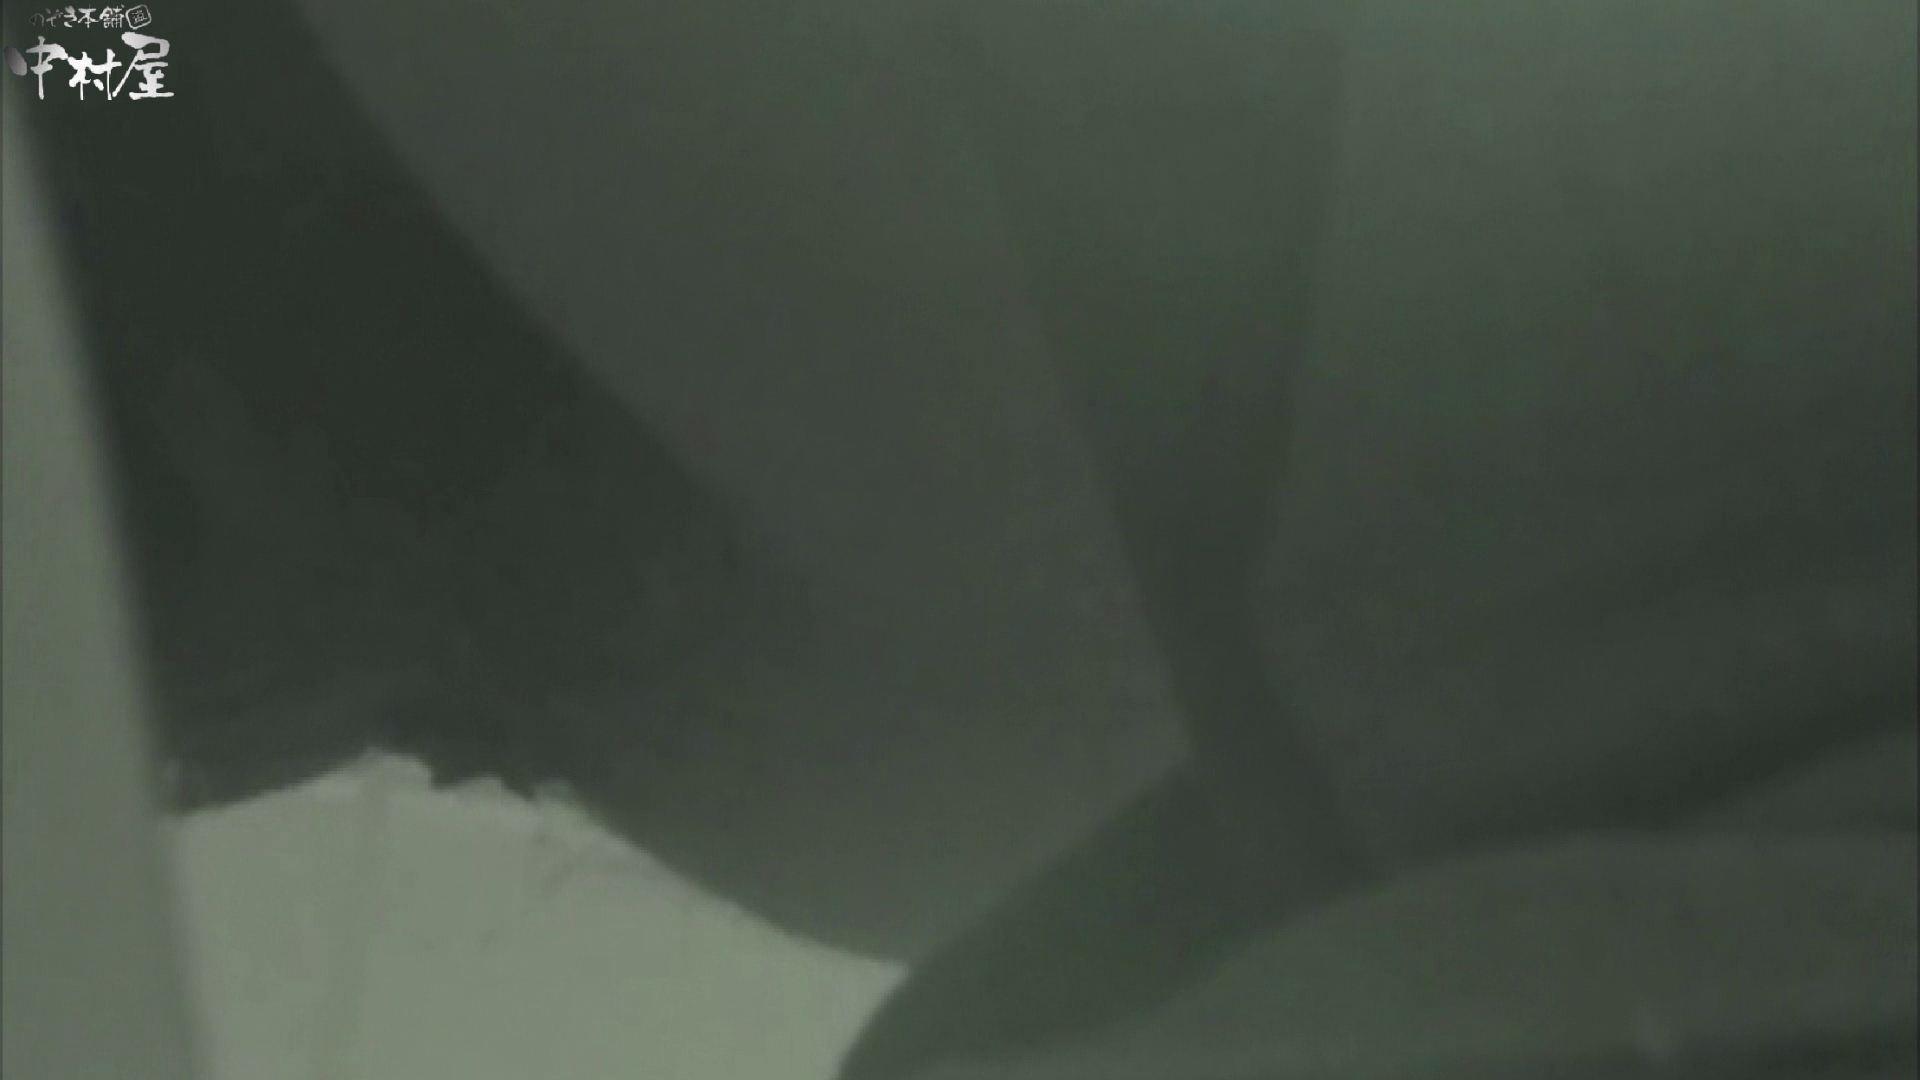 解禁!海の家4カメ洗面所vol.09 ギャルのエロ動画 濡れ場動画紹介 97PIX 35